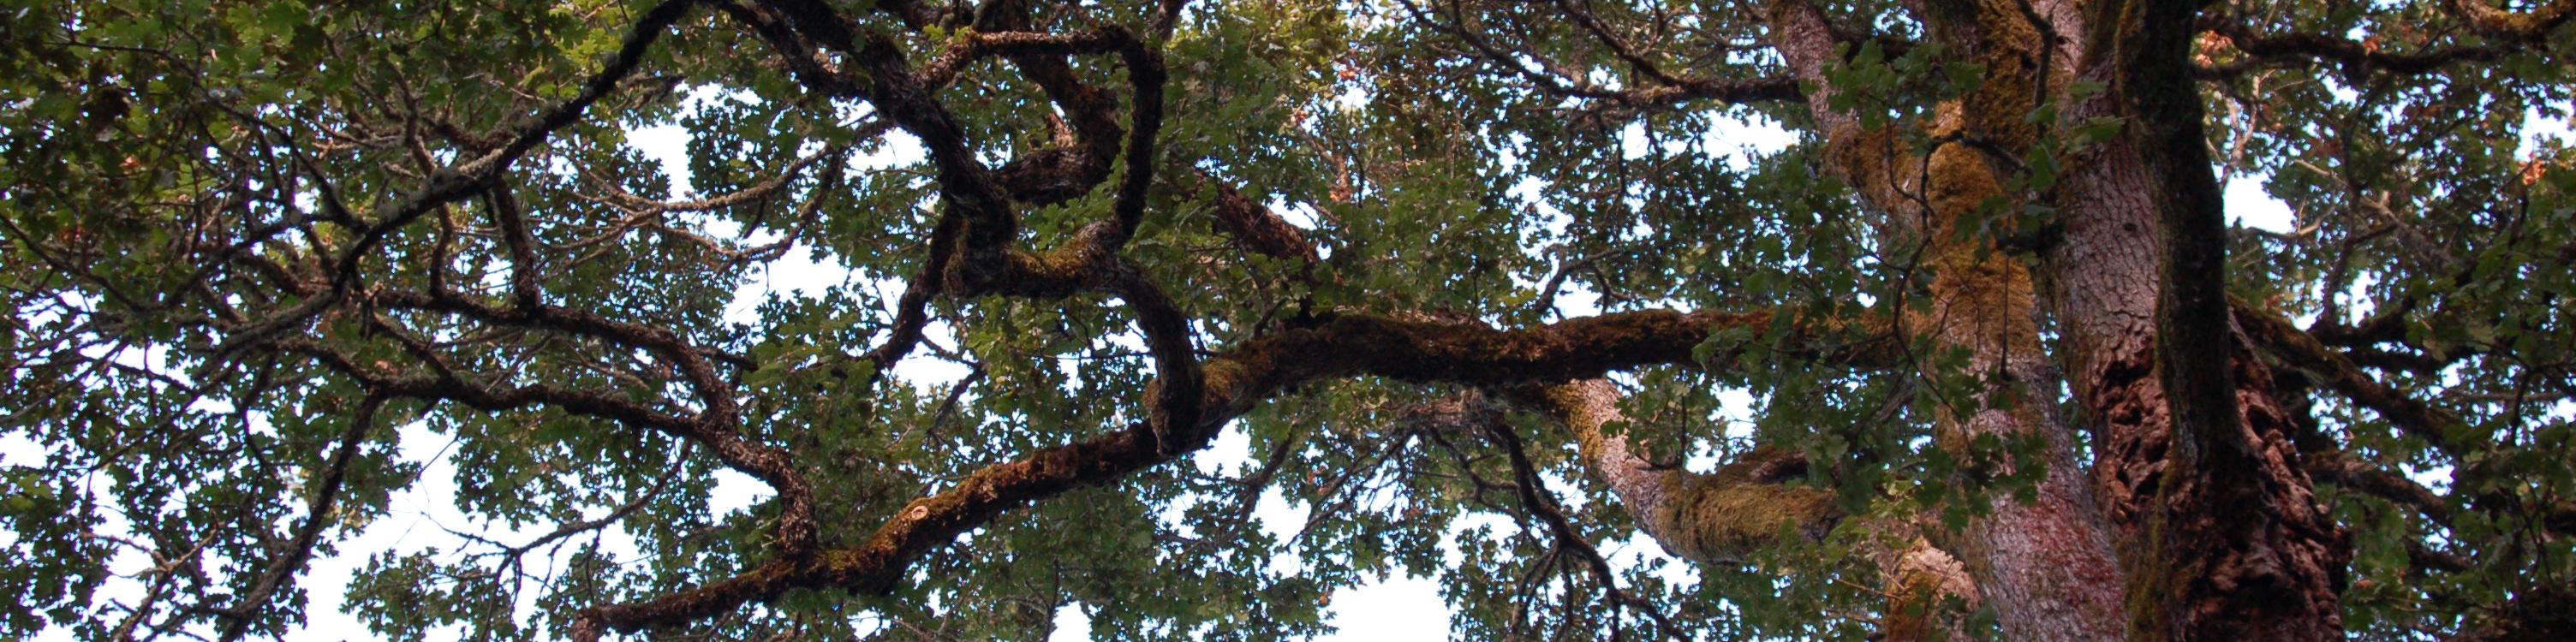 A Large Backyard Tree